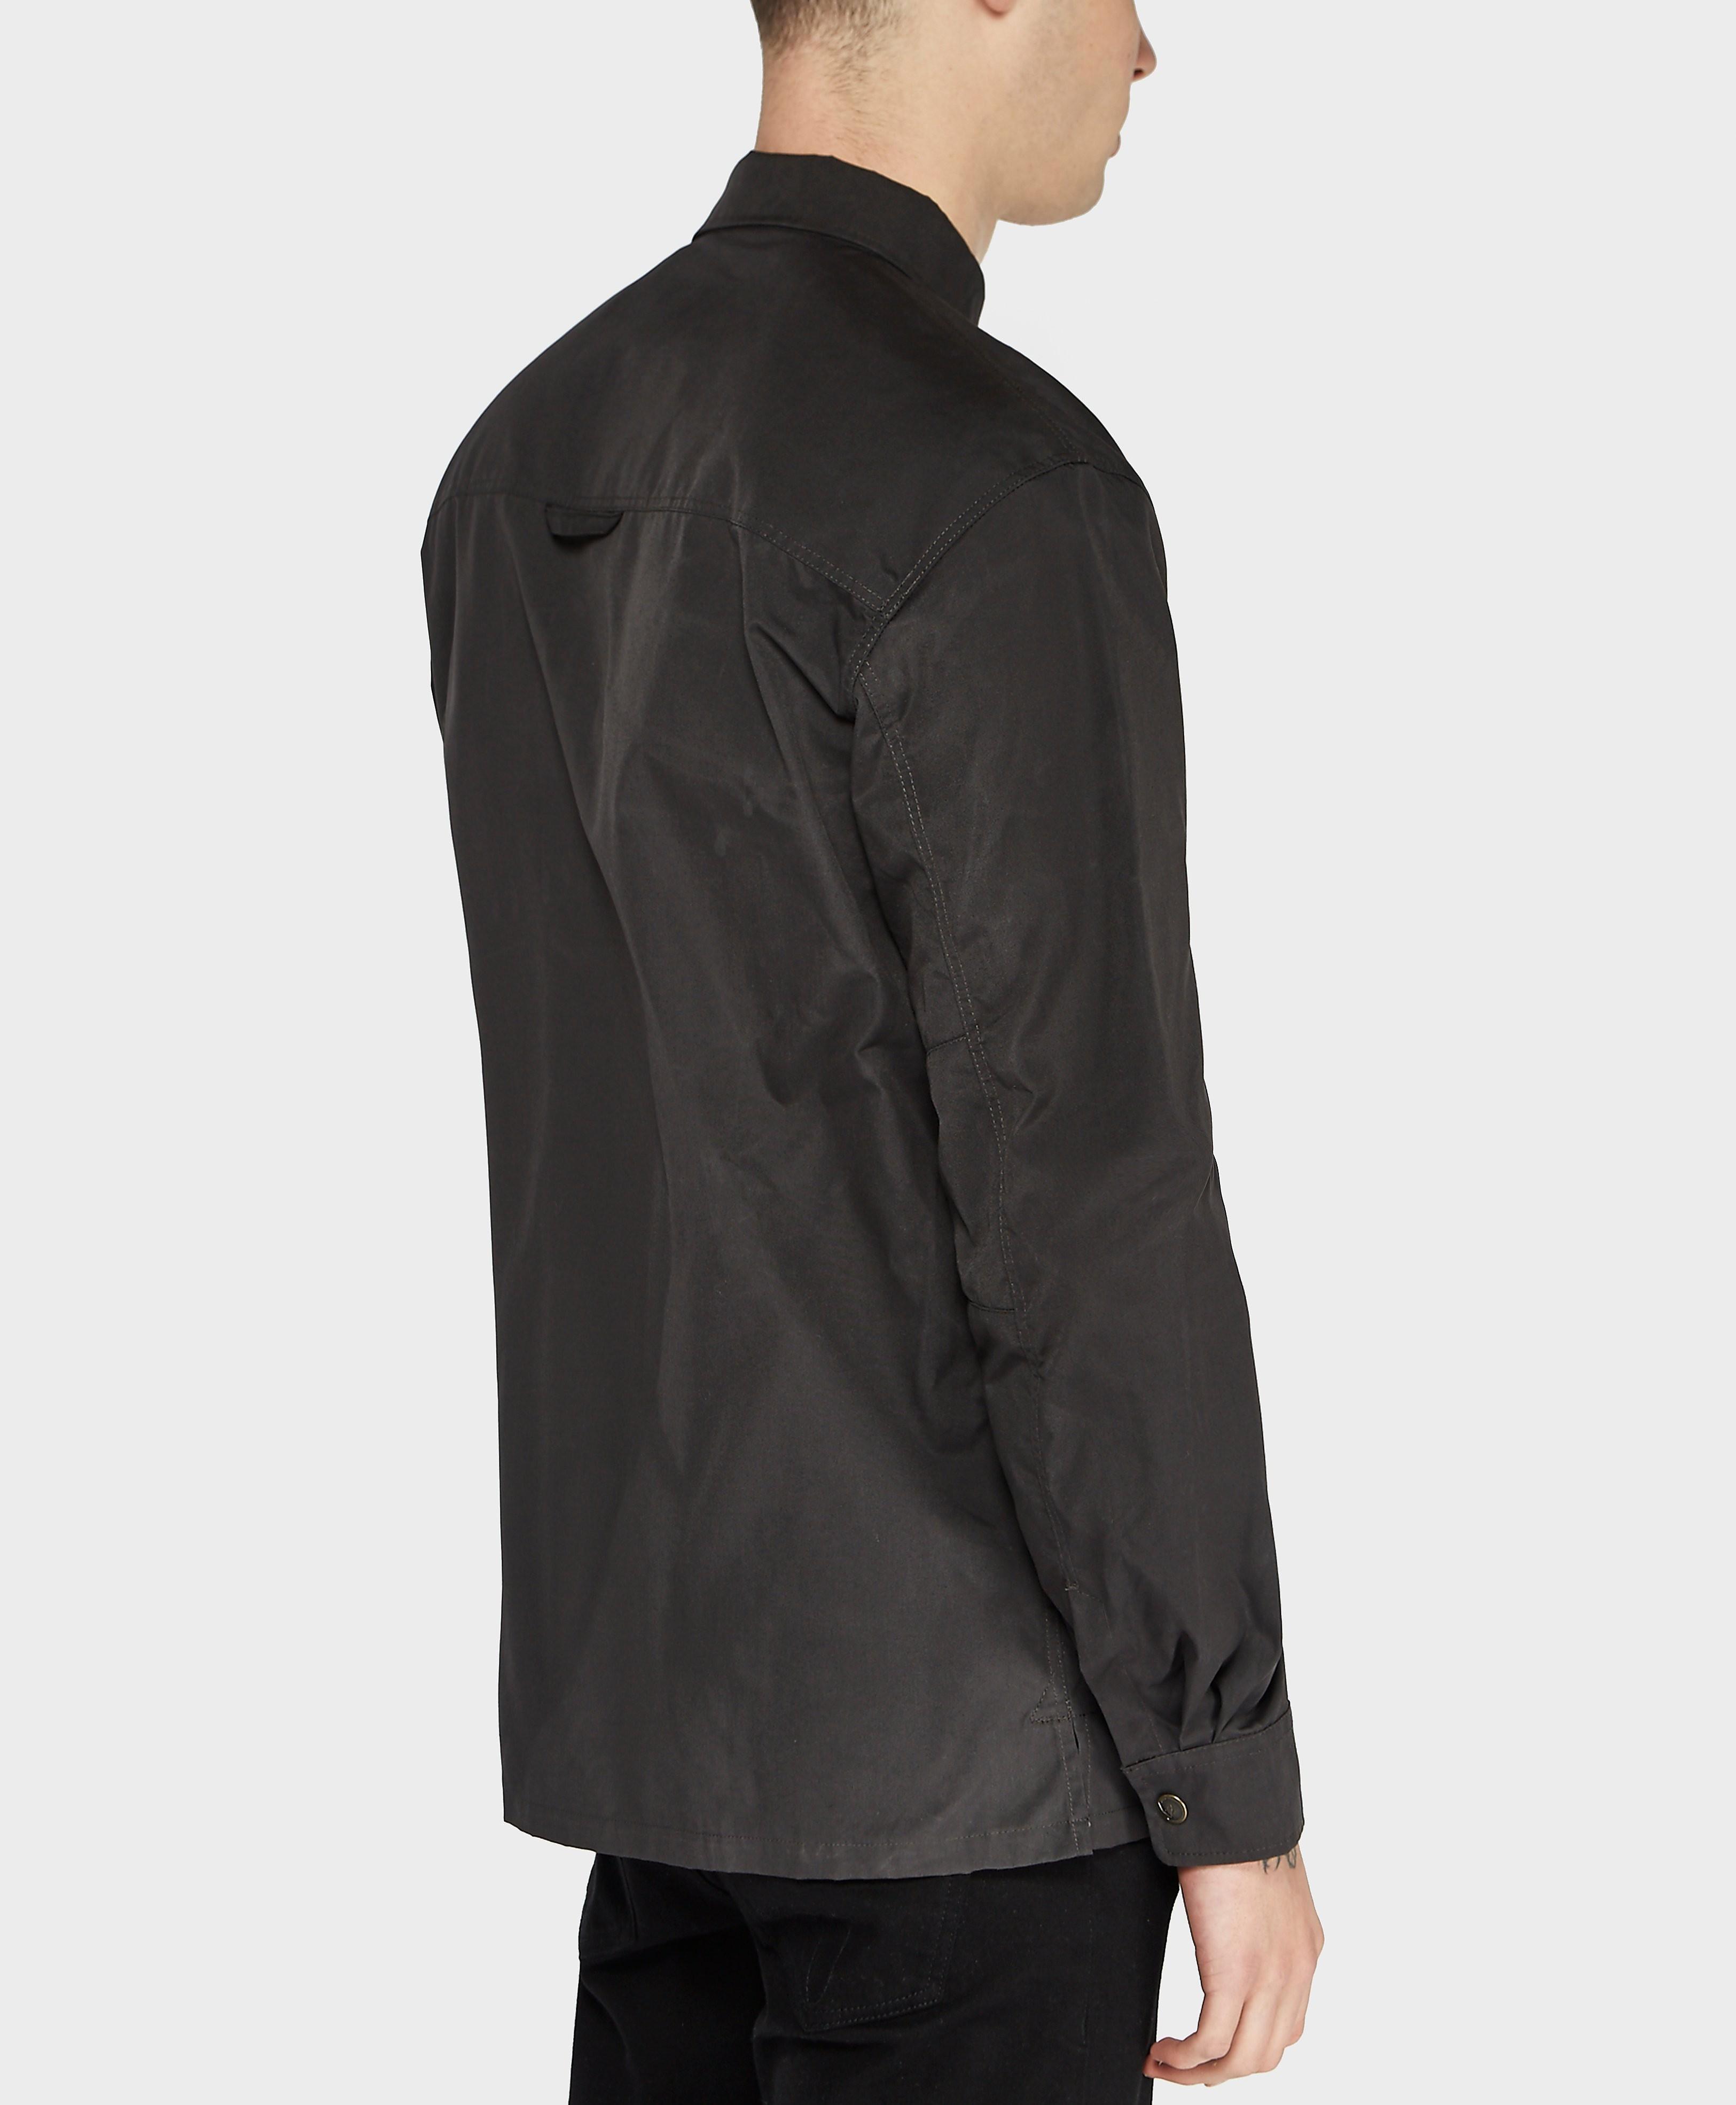 Fjallraven G-1000 Lightweight Overshirt